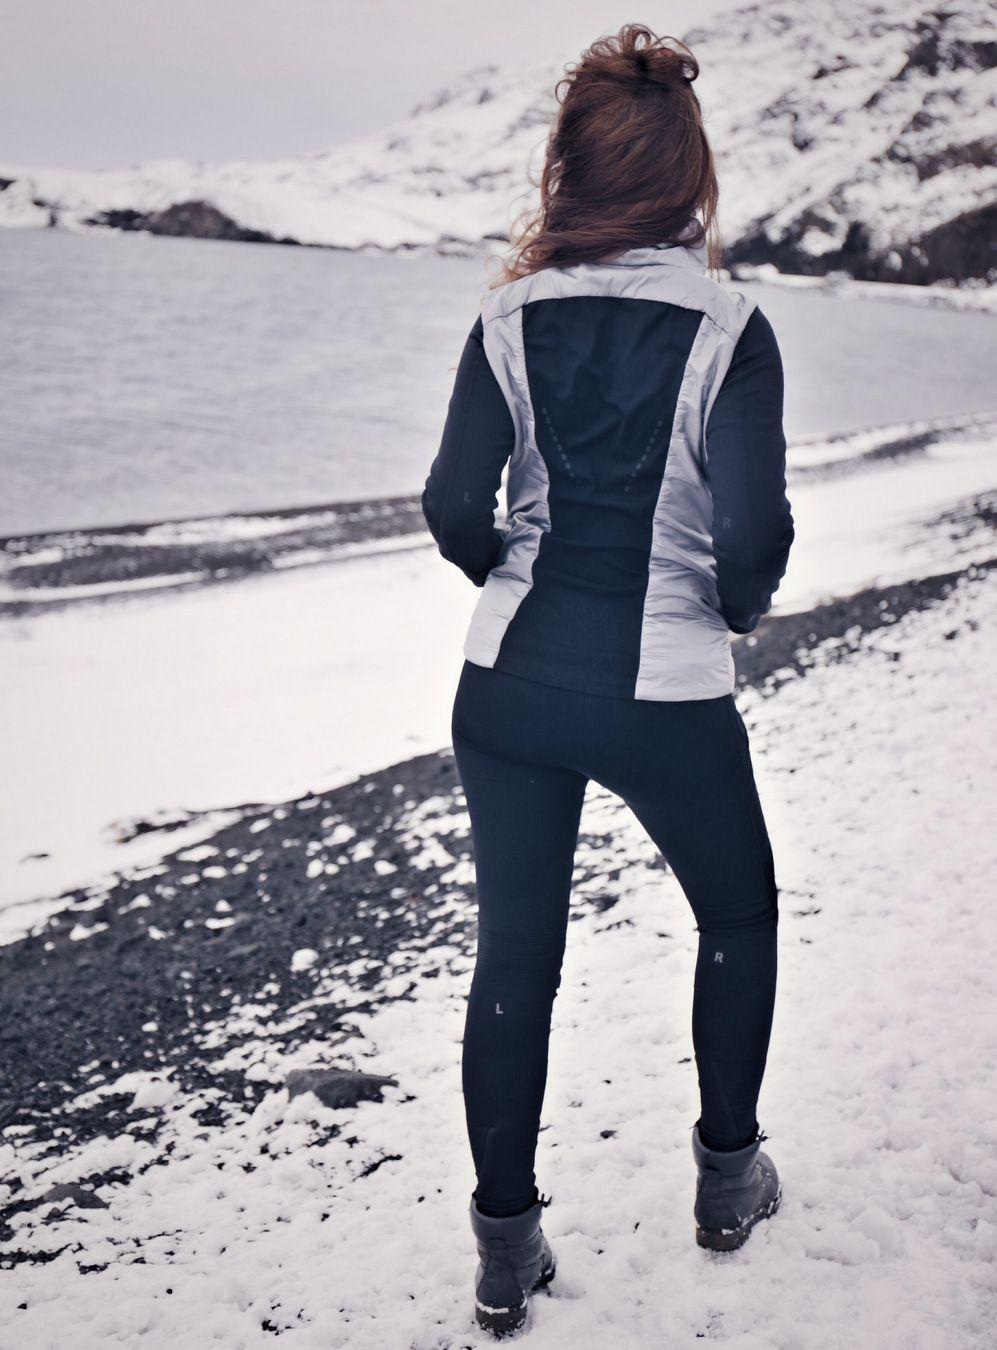 Outdoor Fashion, schöne Outdoor Mode, stylische Outdoor Mode, Falke ...